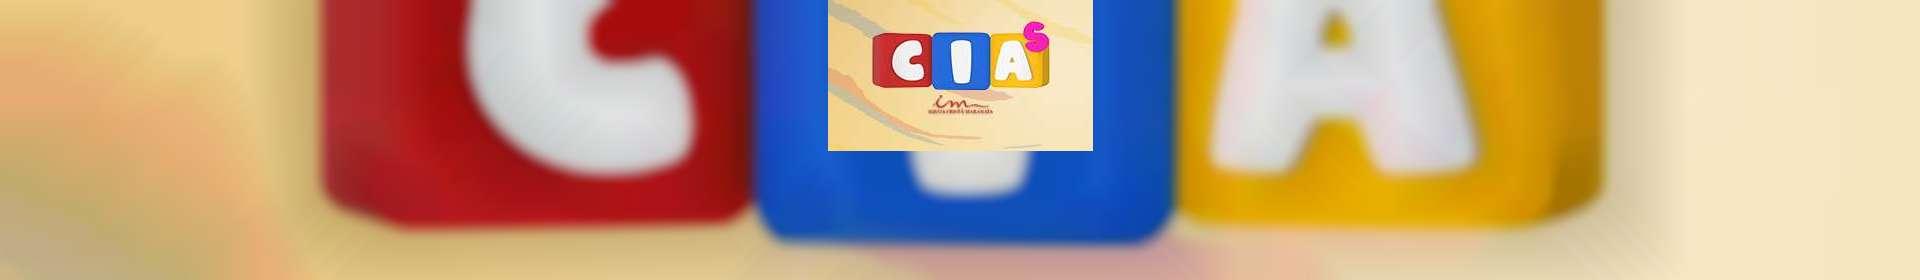 Aula de CIAS: classe de 7 a 11 anos - 26 de março de 2020